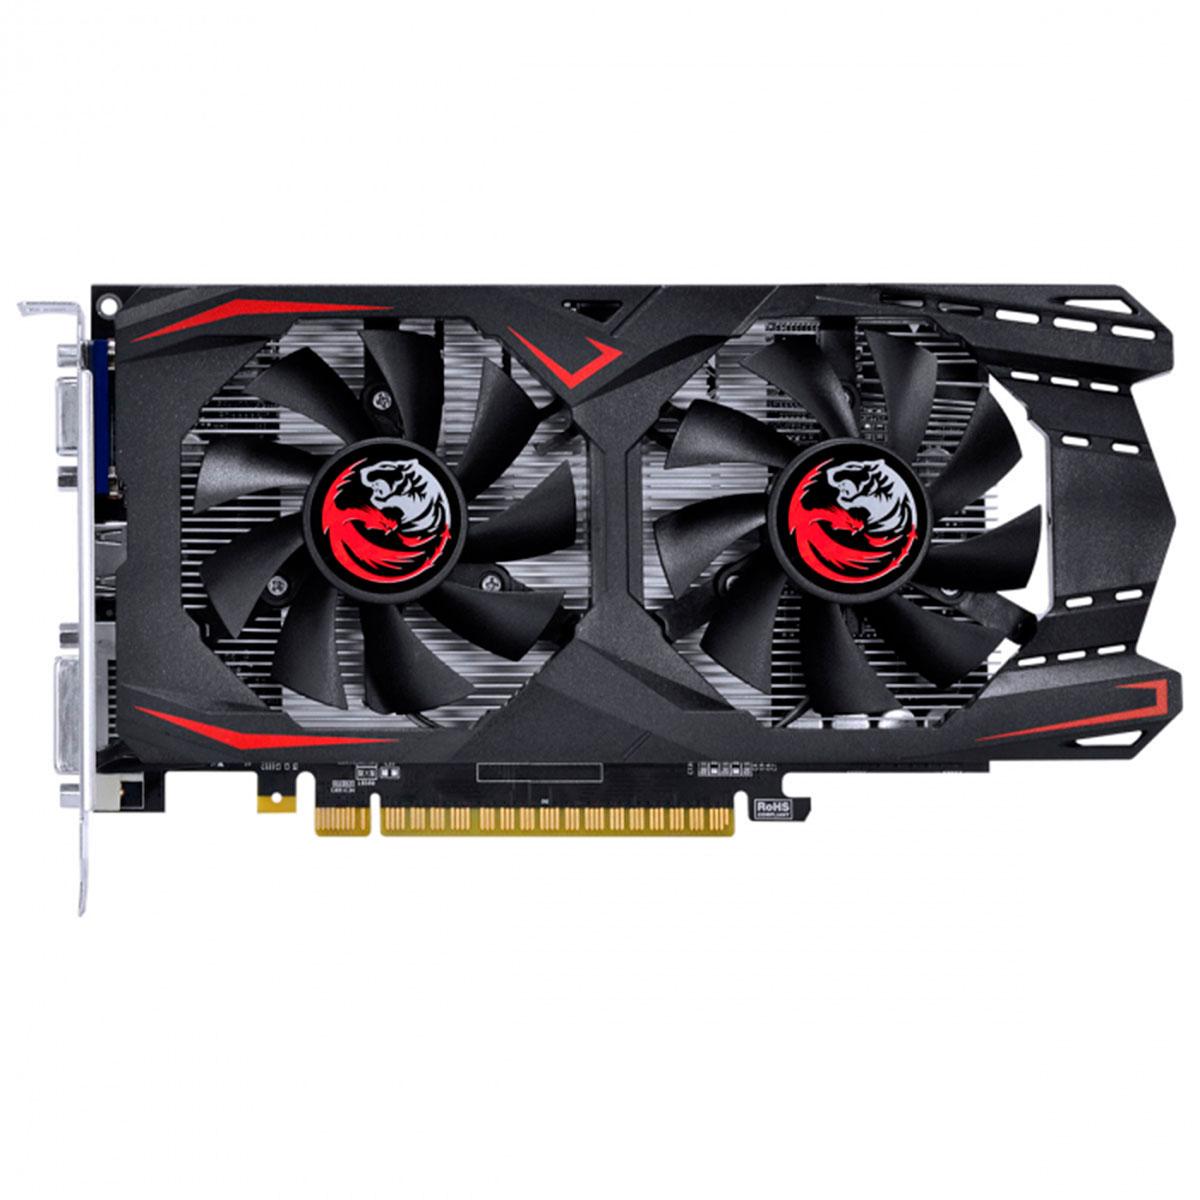 Placa de Vídeo PCYes GTS 450 2GB DDR5 128 Bits - PA45012802G5